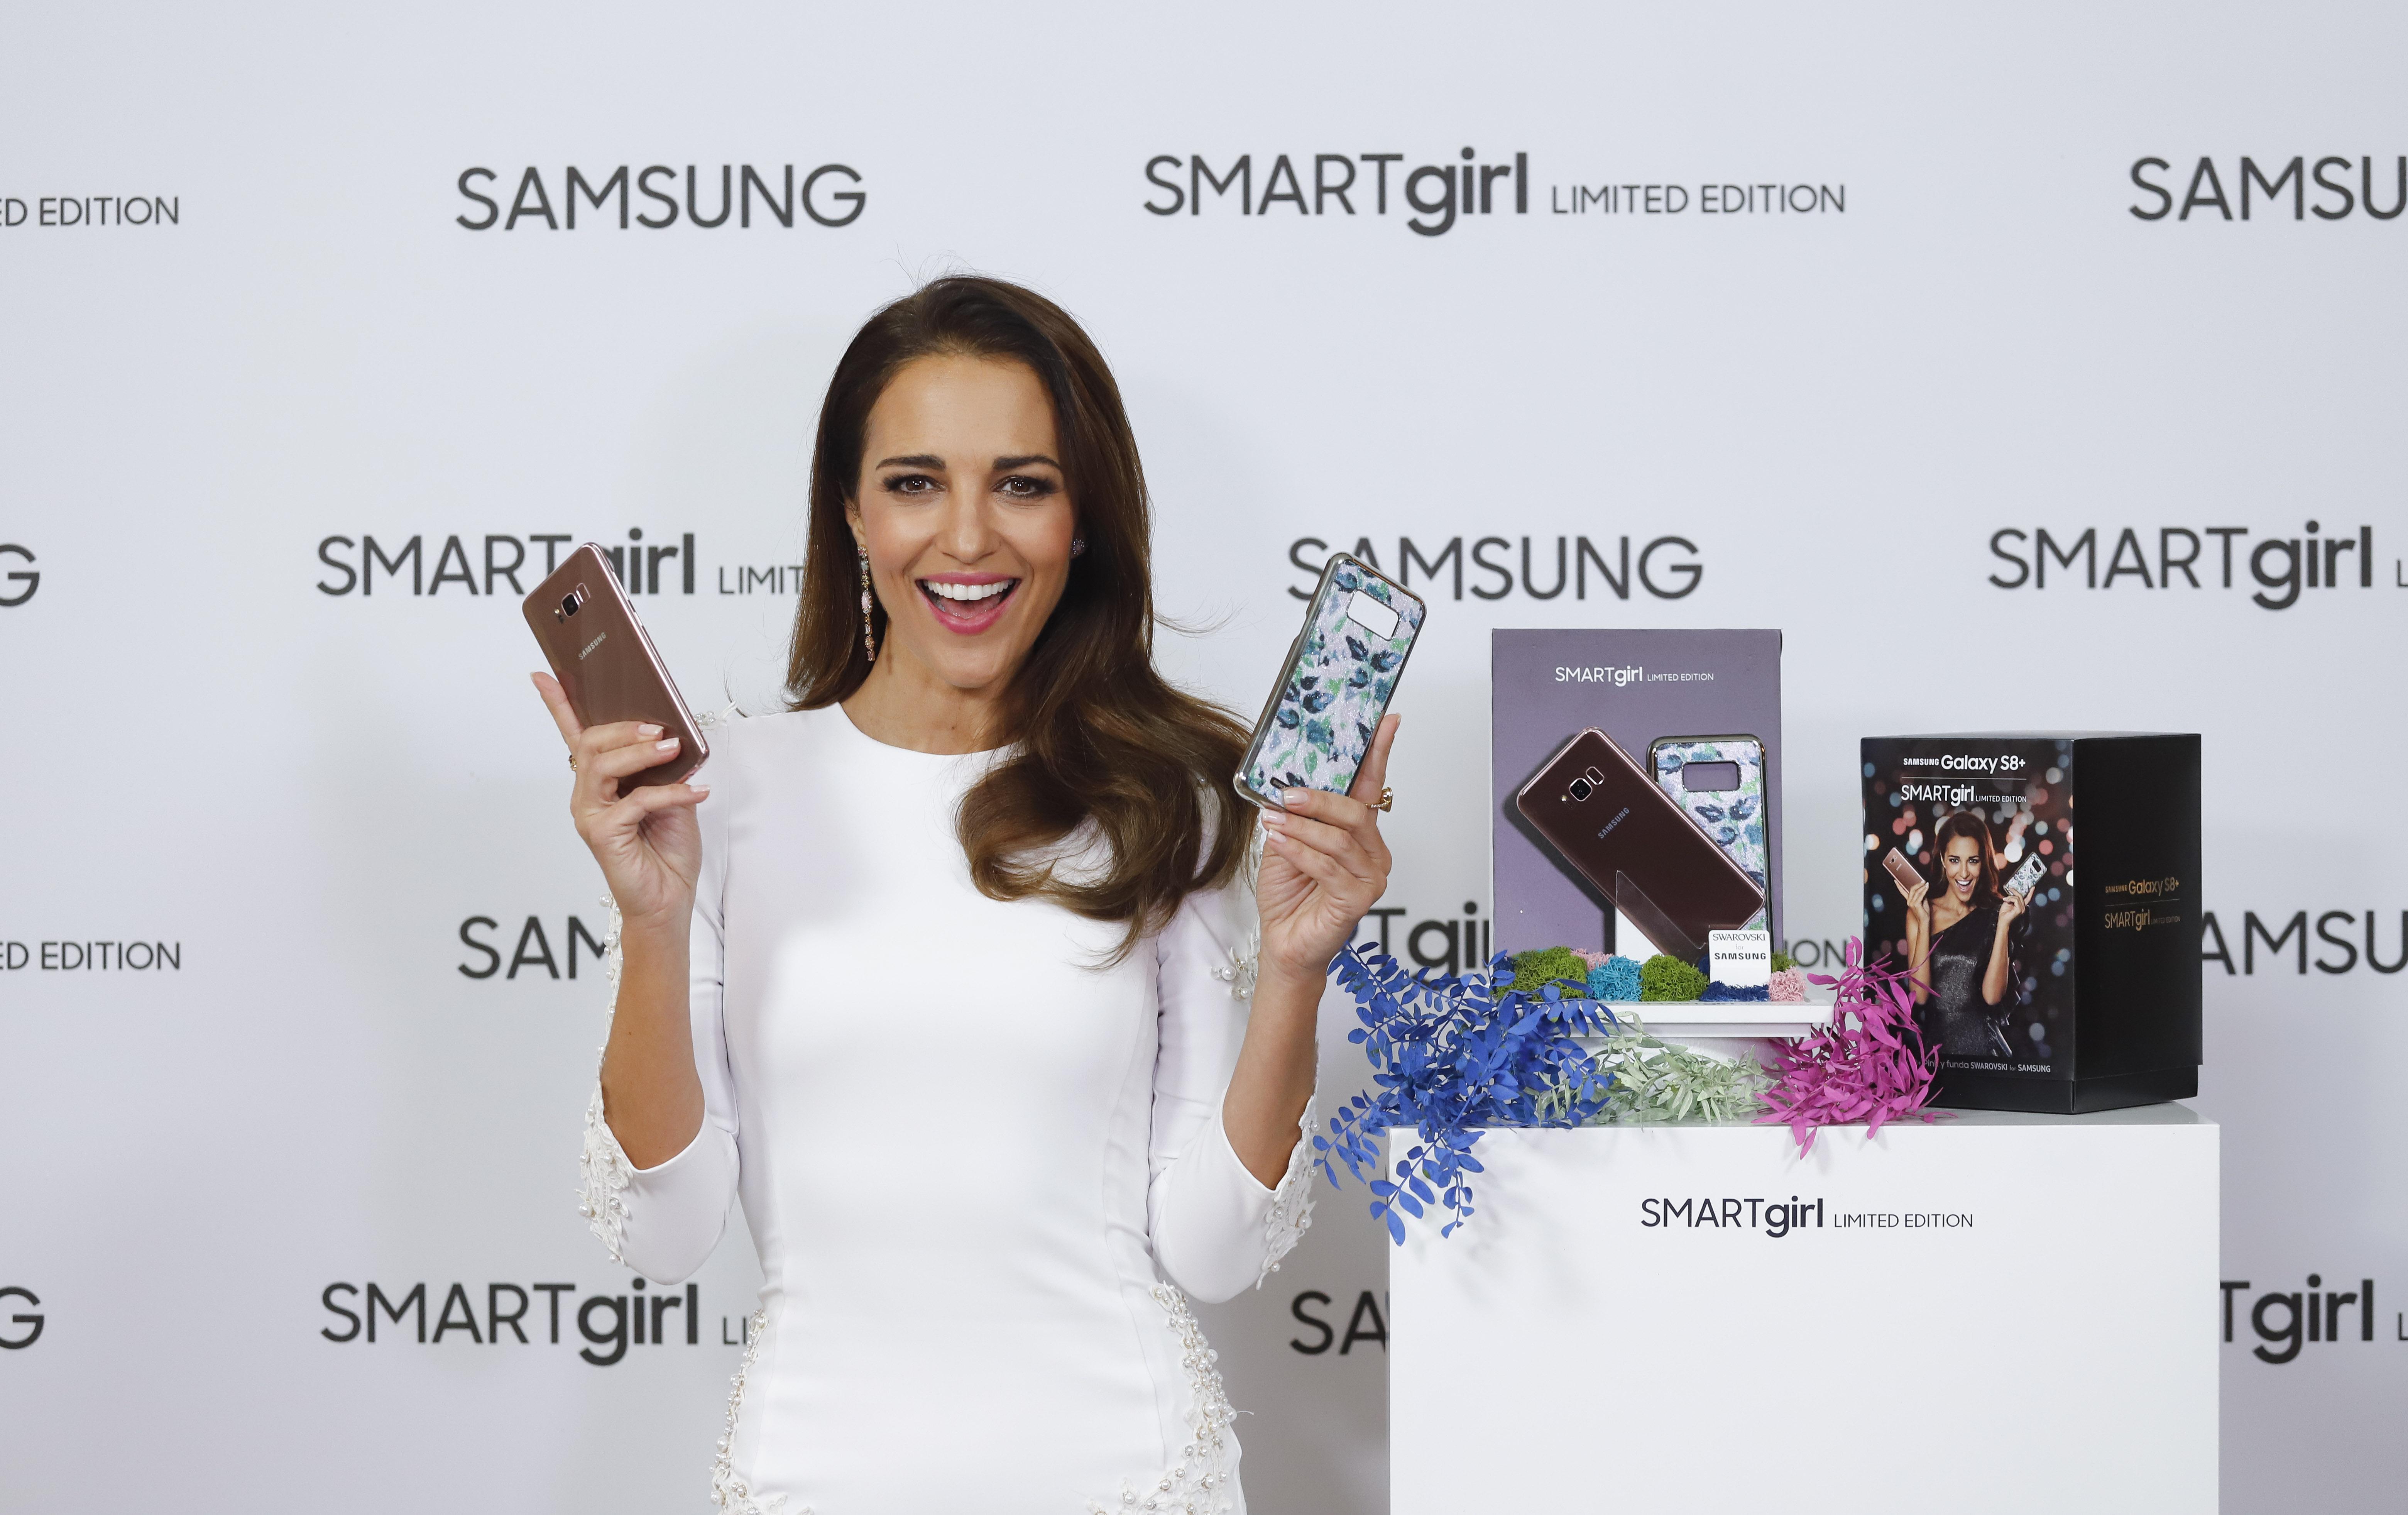 Consultar Fatídico Vegetación  Samsung y Paula Echevarría presentan la edición especial de Galaxy S8+  SMARTgirl Limited Edition – Samsung Newsroom España